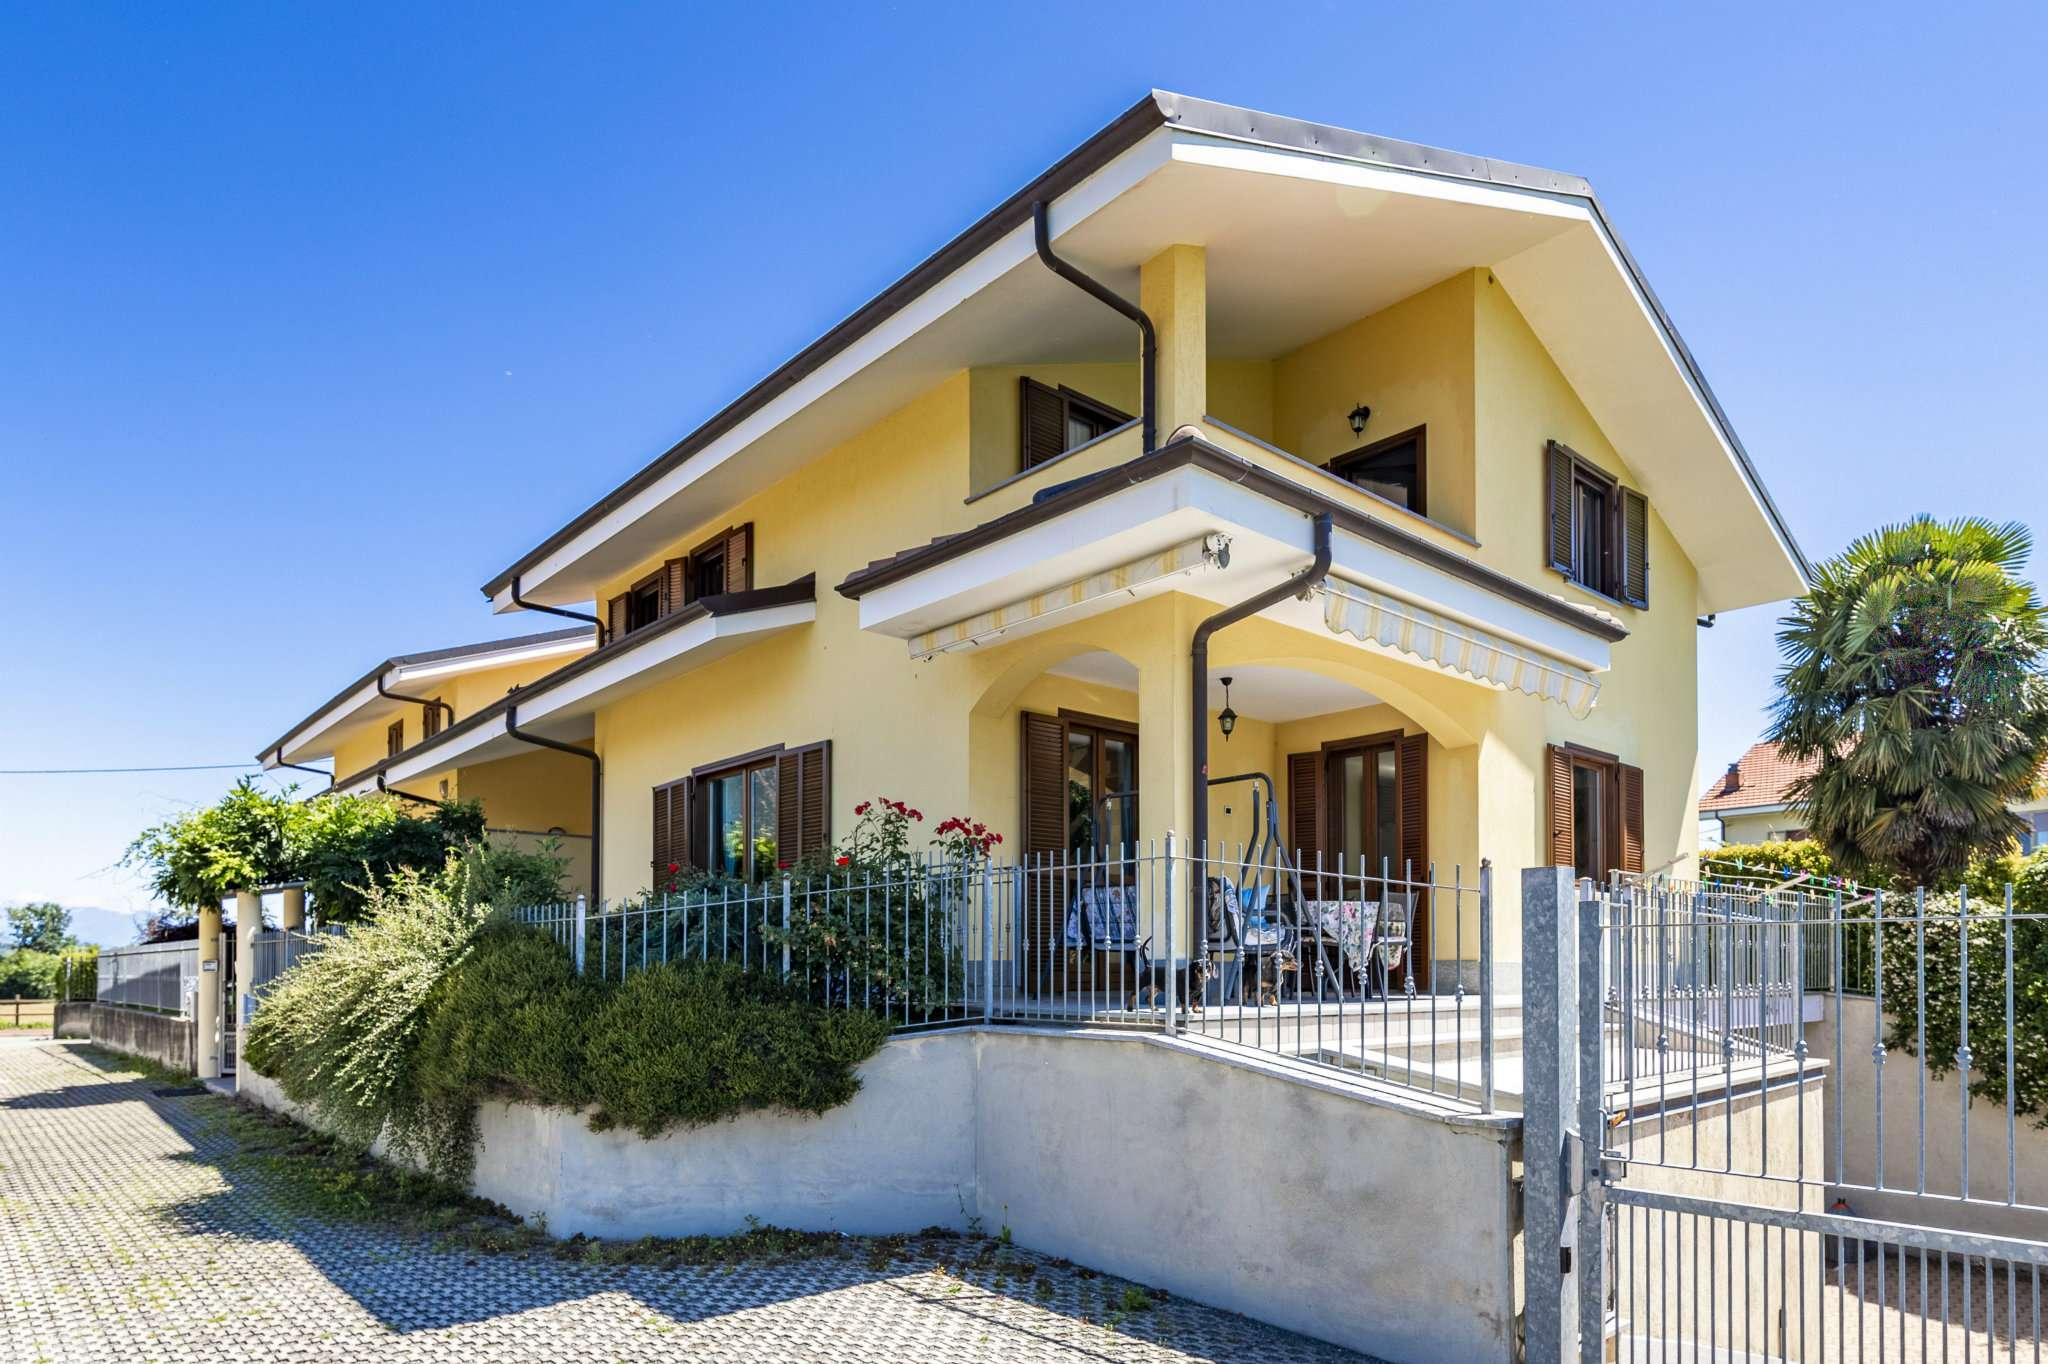 Villa in vendita a Rosta, 6 locali, prezzo € 398.000 | PortaleAgenzieImmobiliari.it